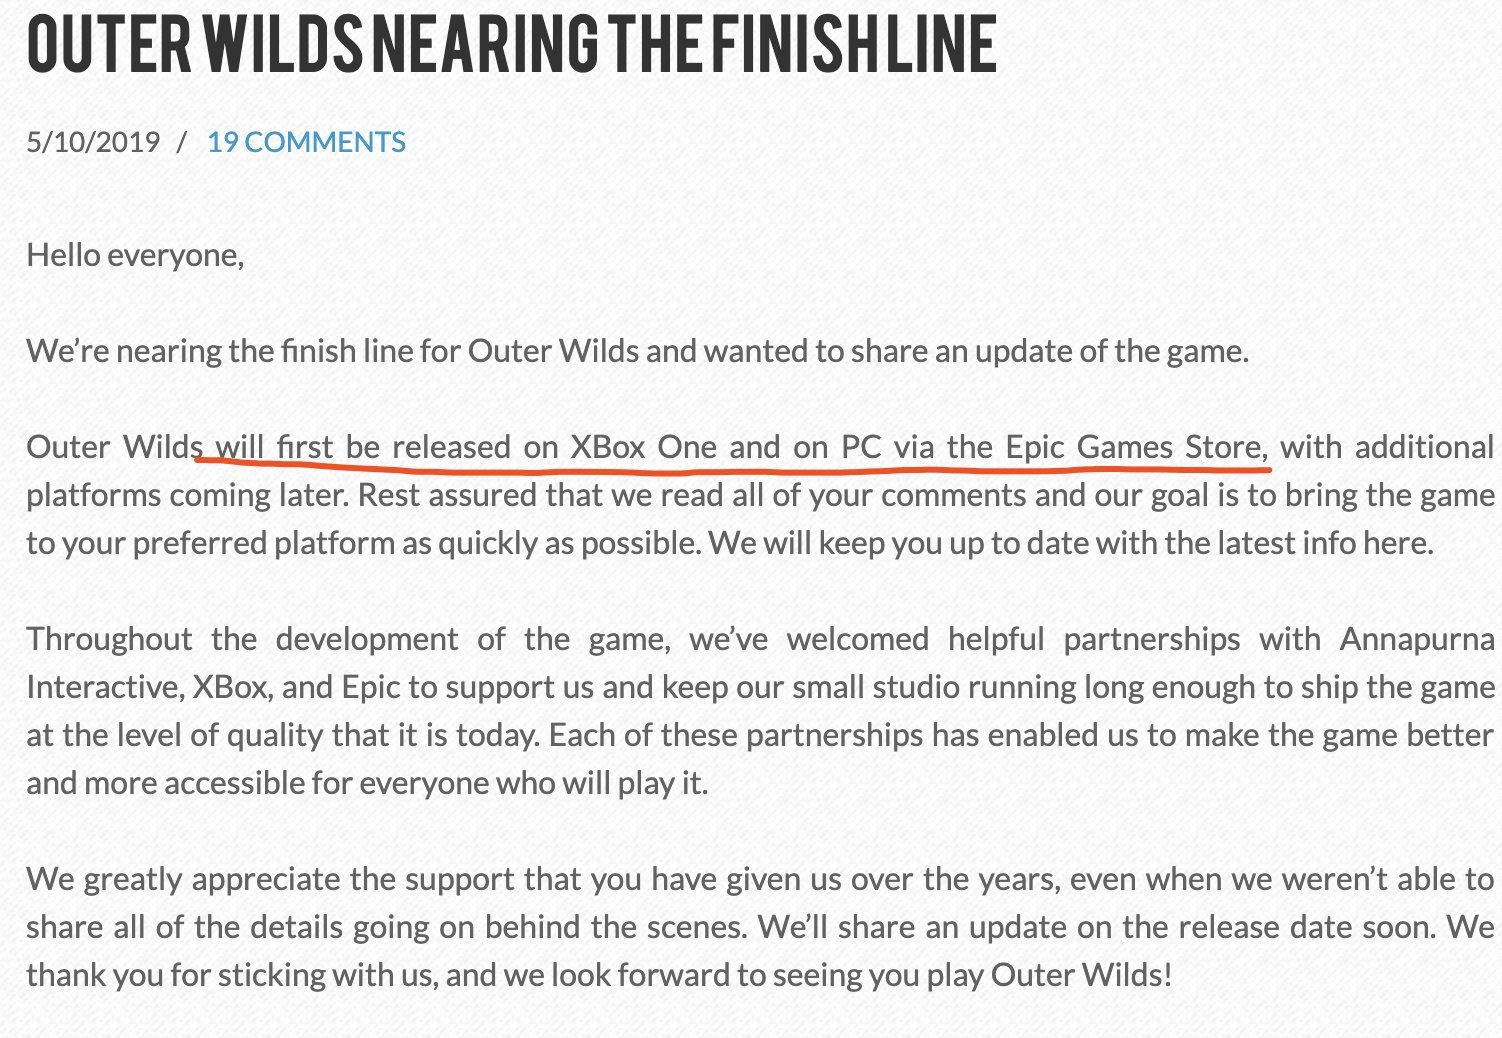 《星际拓荒(Outer Wilds)》曾获2015年IGF(独立游戏节)大奖